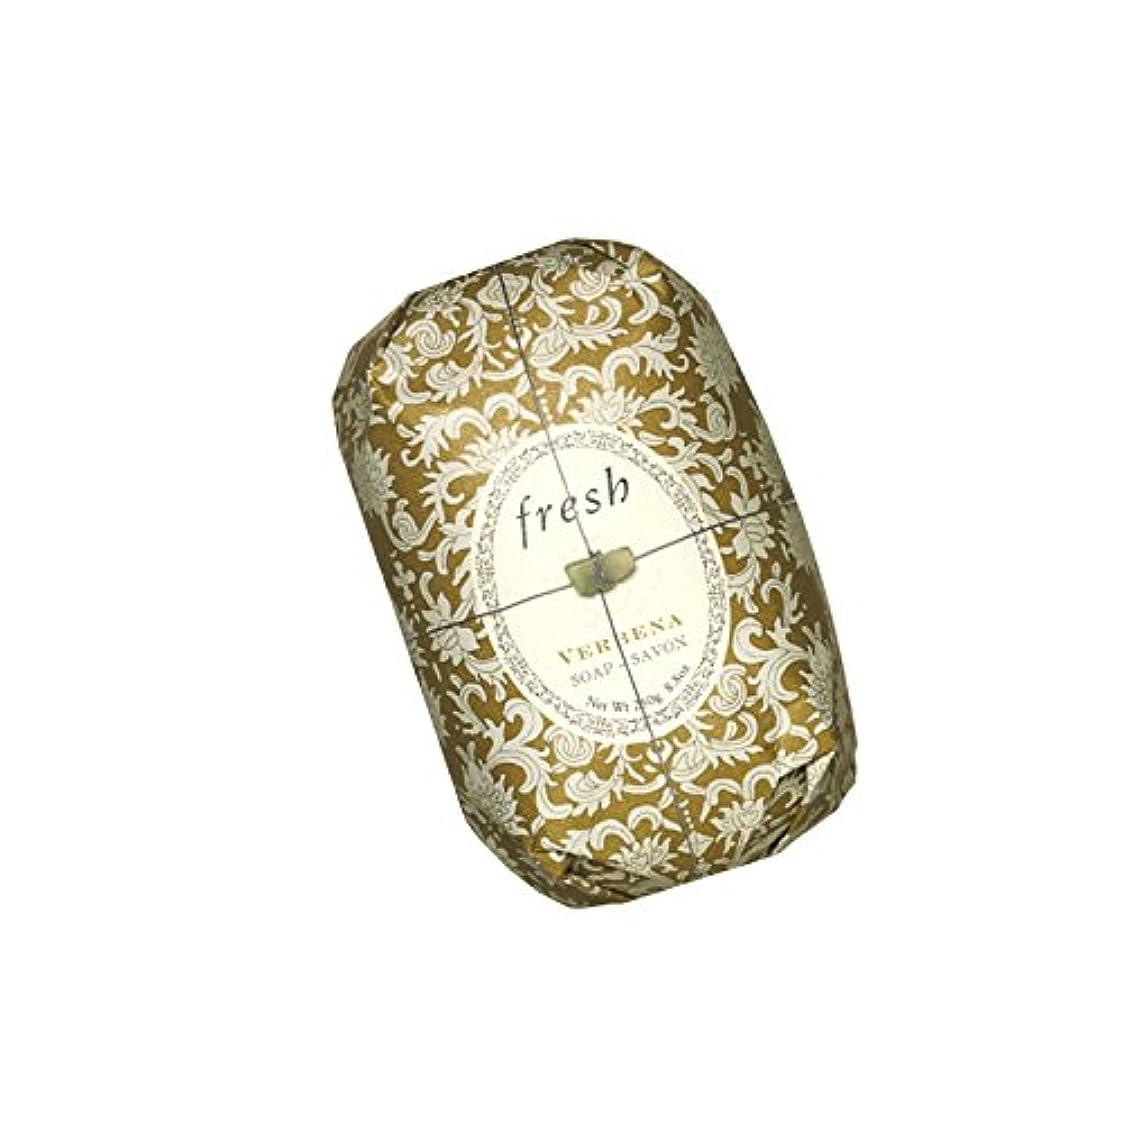 近く集計混乱Fresh フレッシュ Verbena Soap 石鹸, 250g/8.8oz. [海外直送品] [並行輸入品]